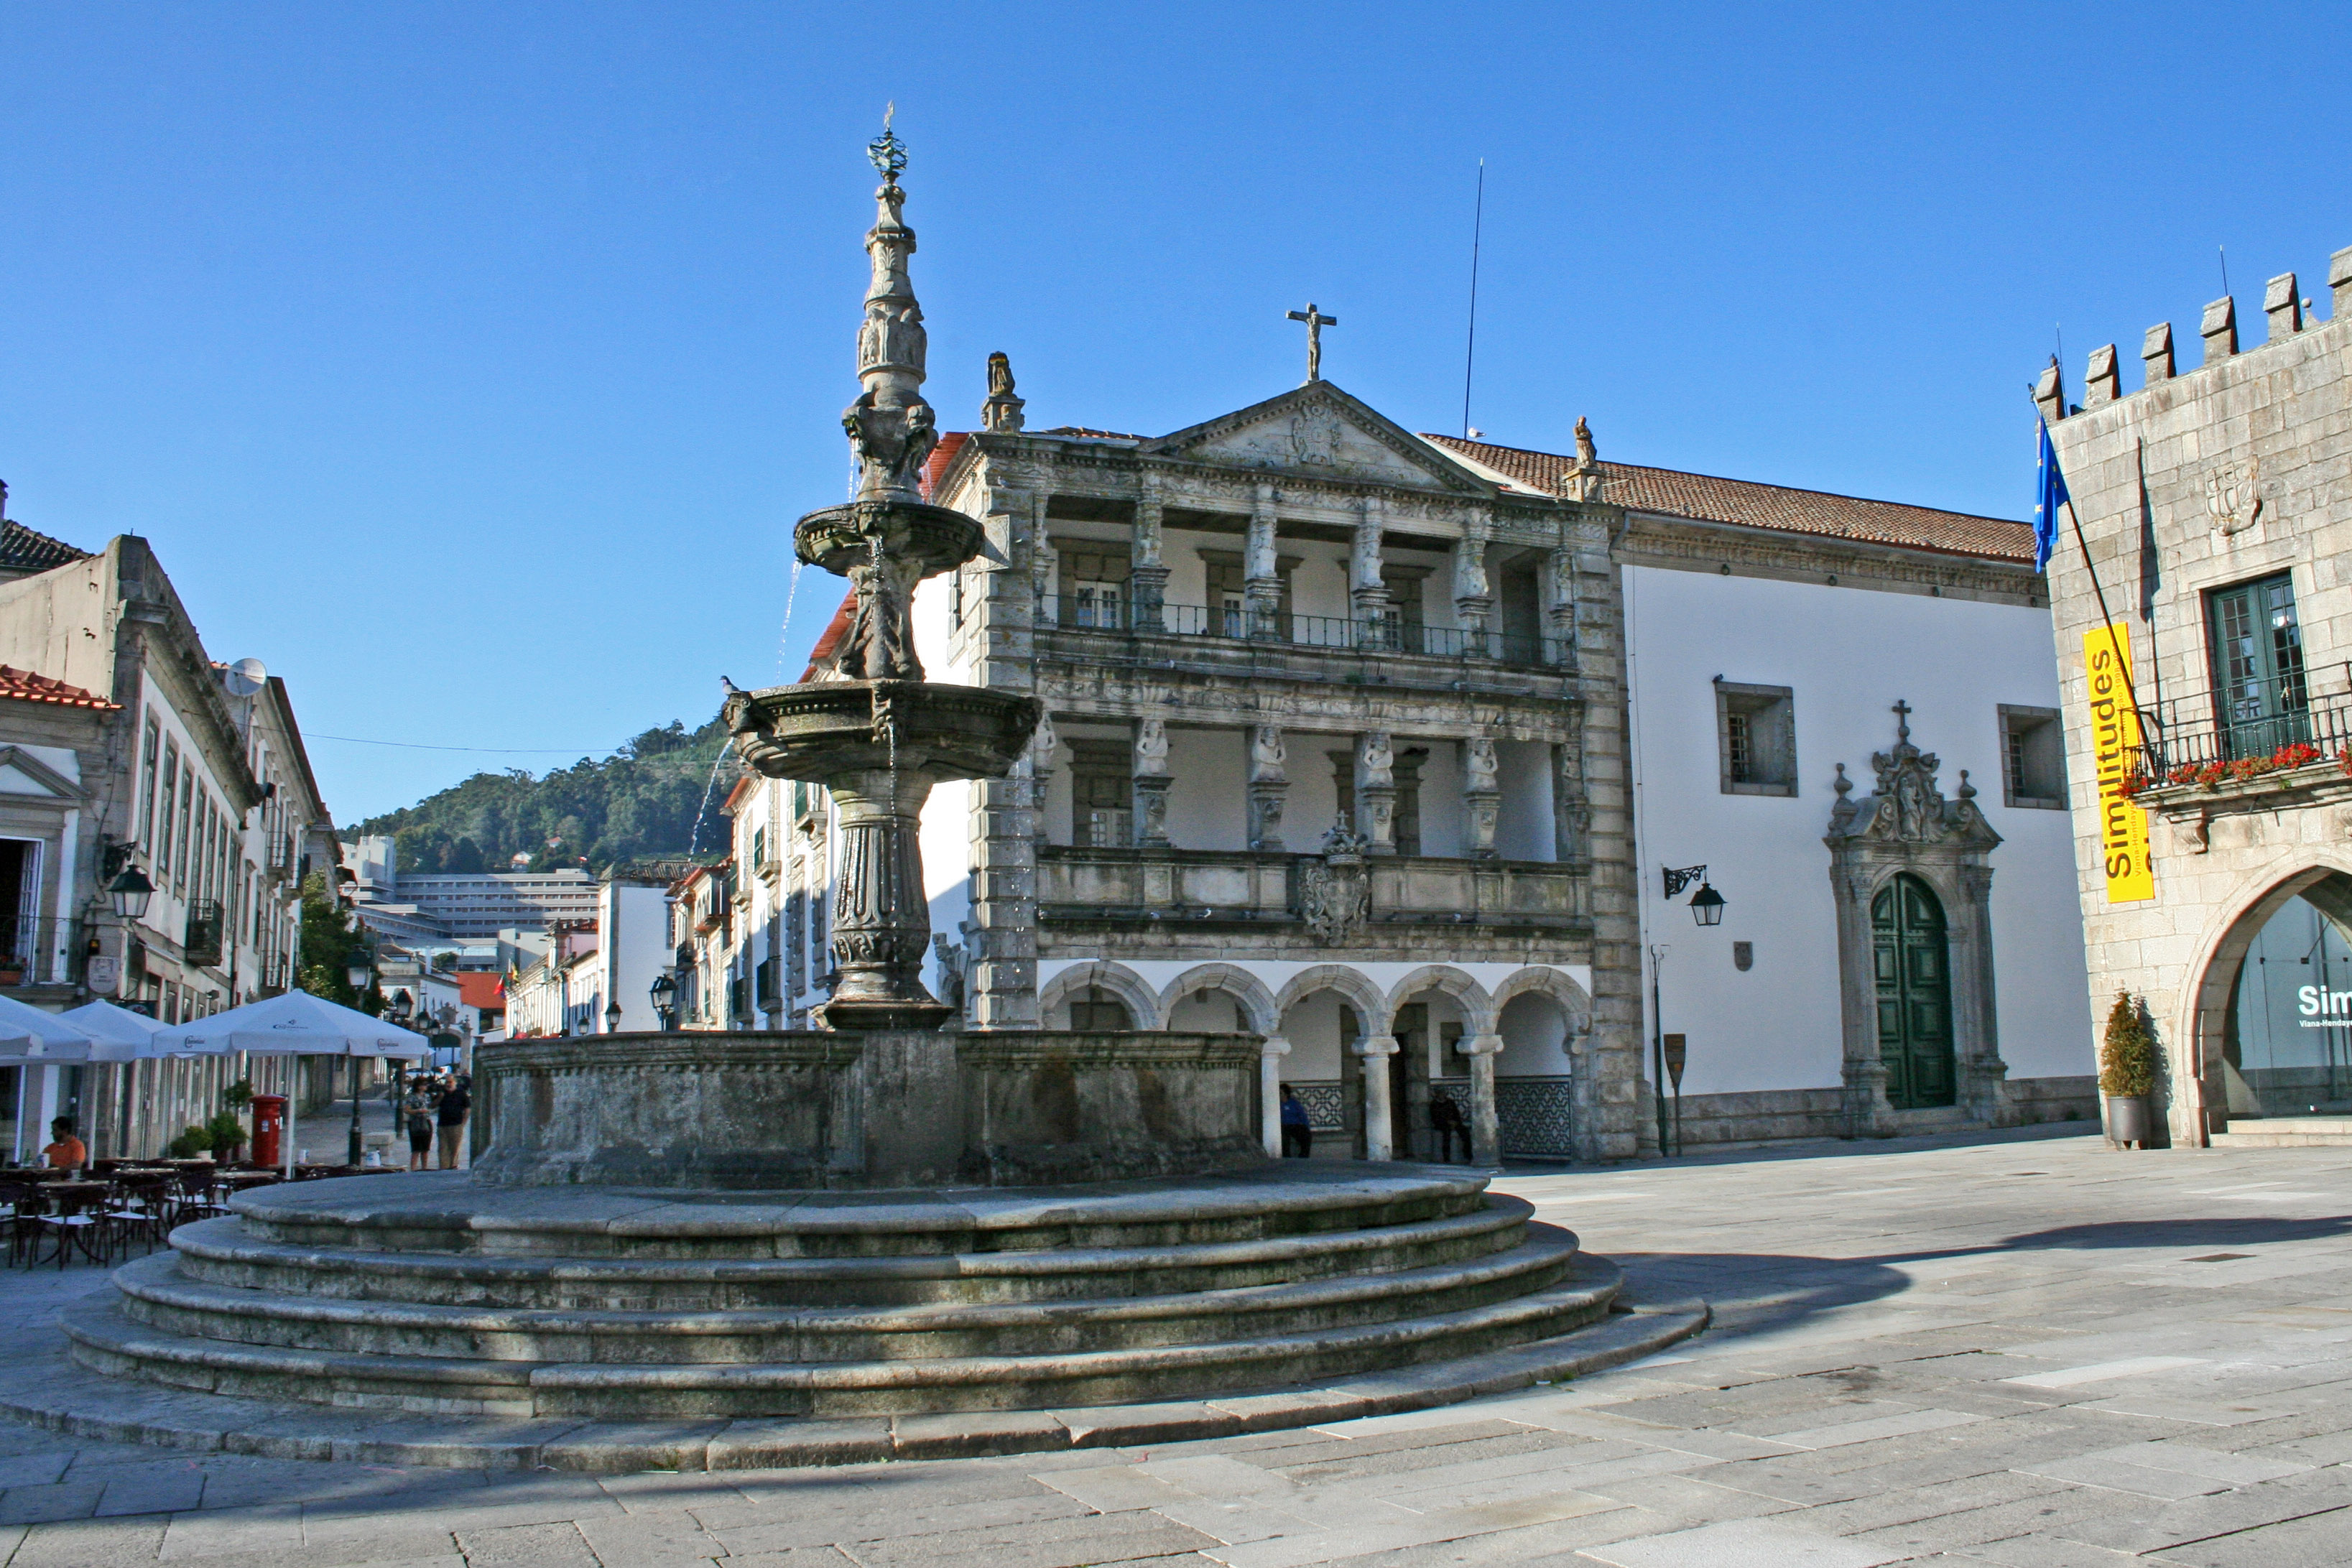 Fotos de viana do castelo portugal